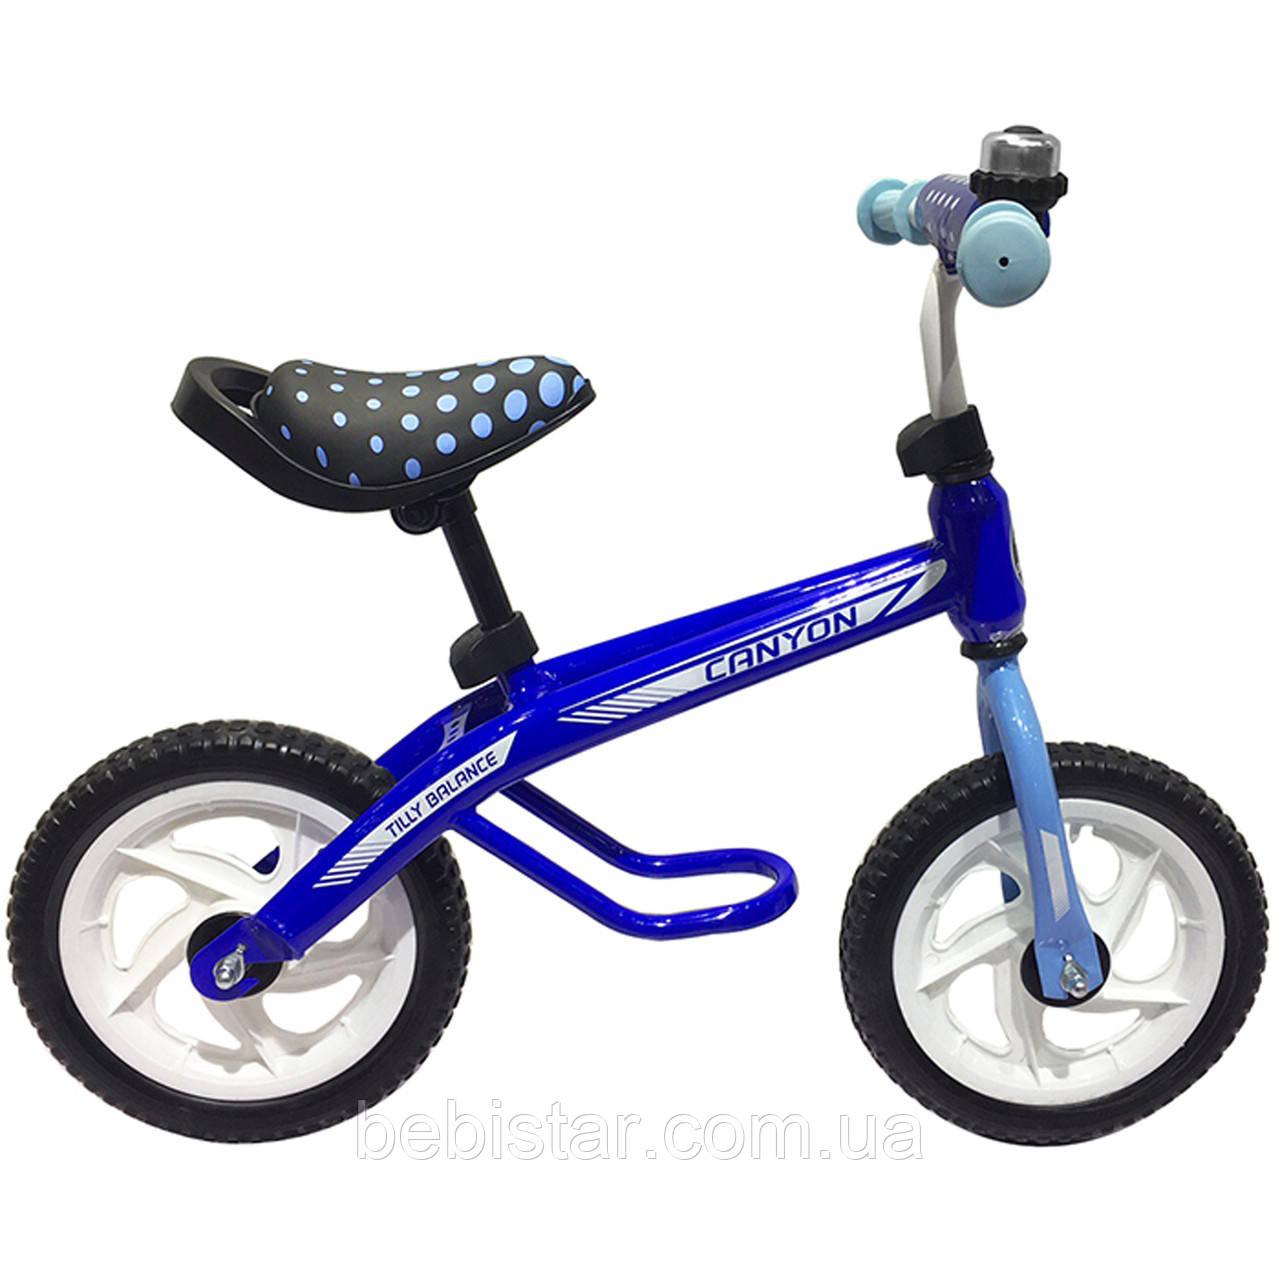 Беговел синій сталева рама пластикові диски, колеса EVA BALANCE TILLY 12 Canyon від 2-х до 5-ти років